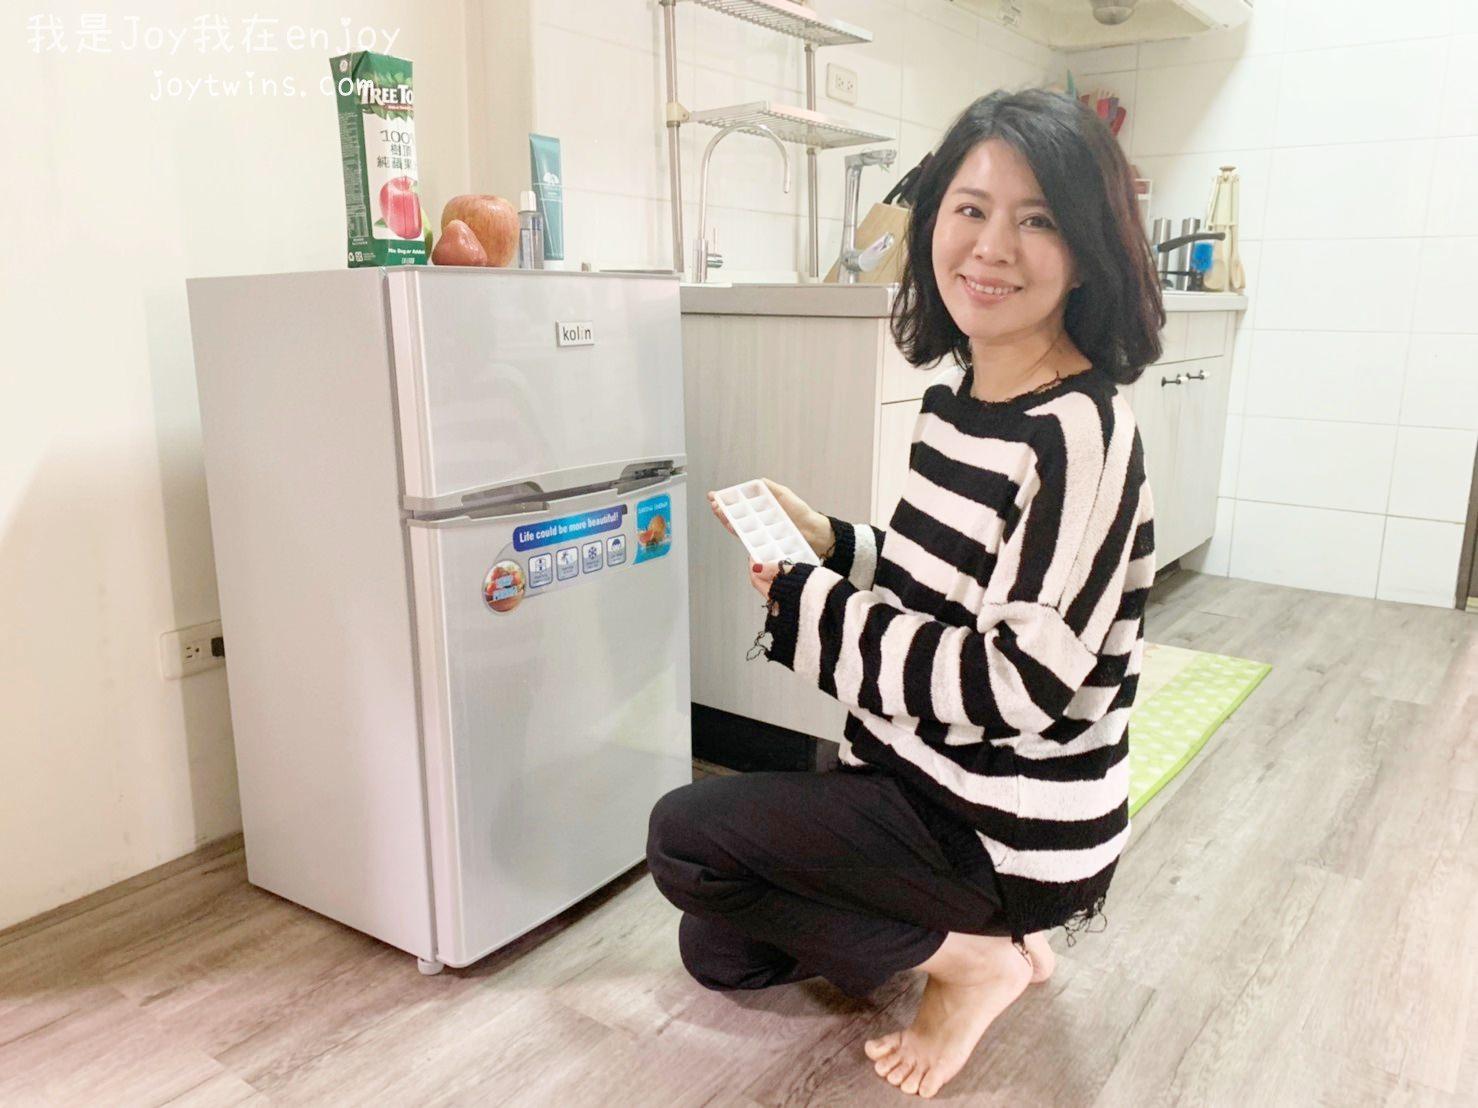 冰箱推薦 KOLIN歌林90L雙門小冰箱 可製冰/節能省電 (租屋小冰箱首選)